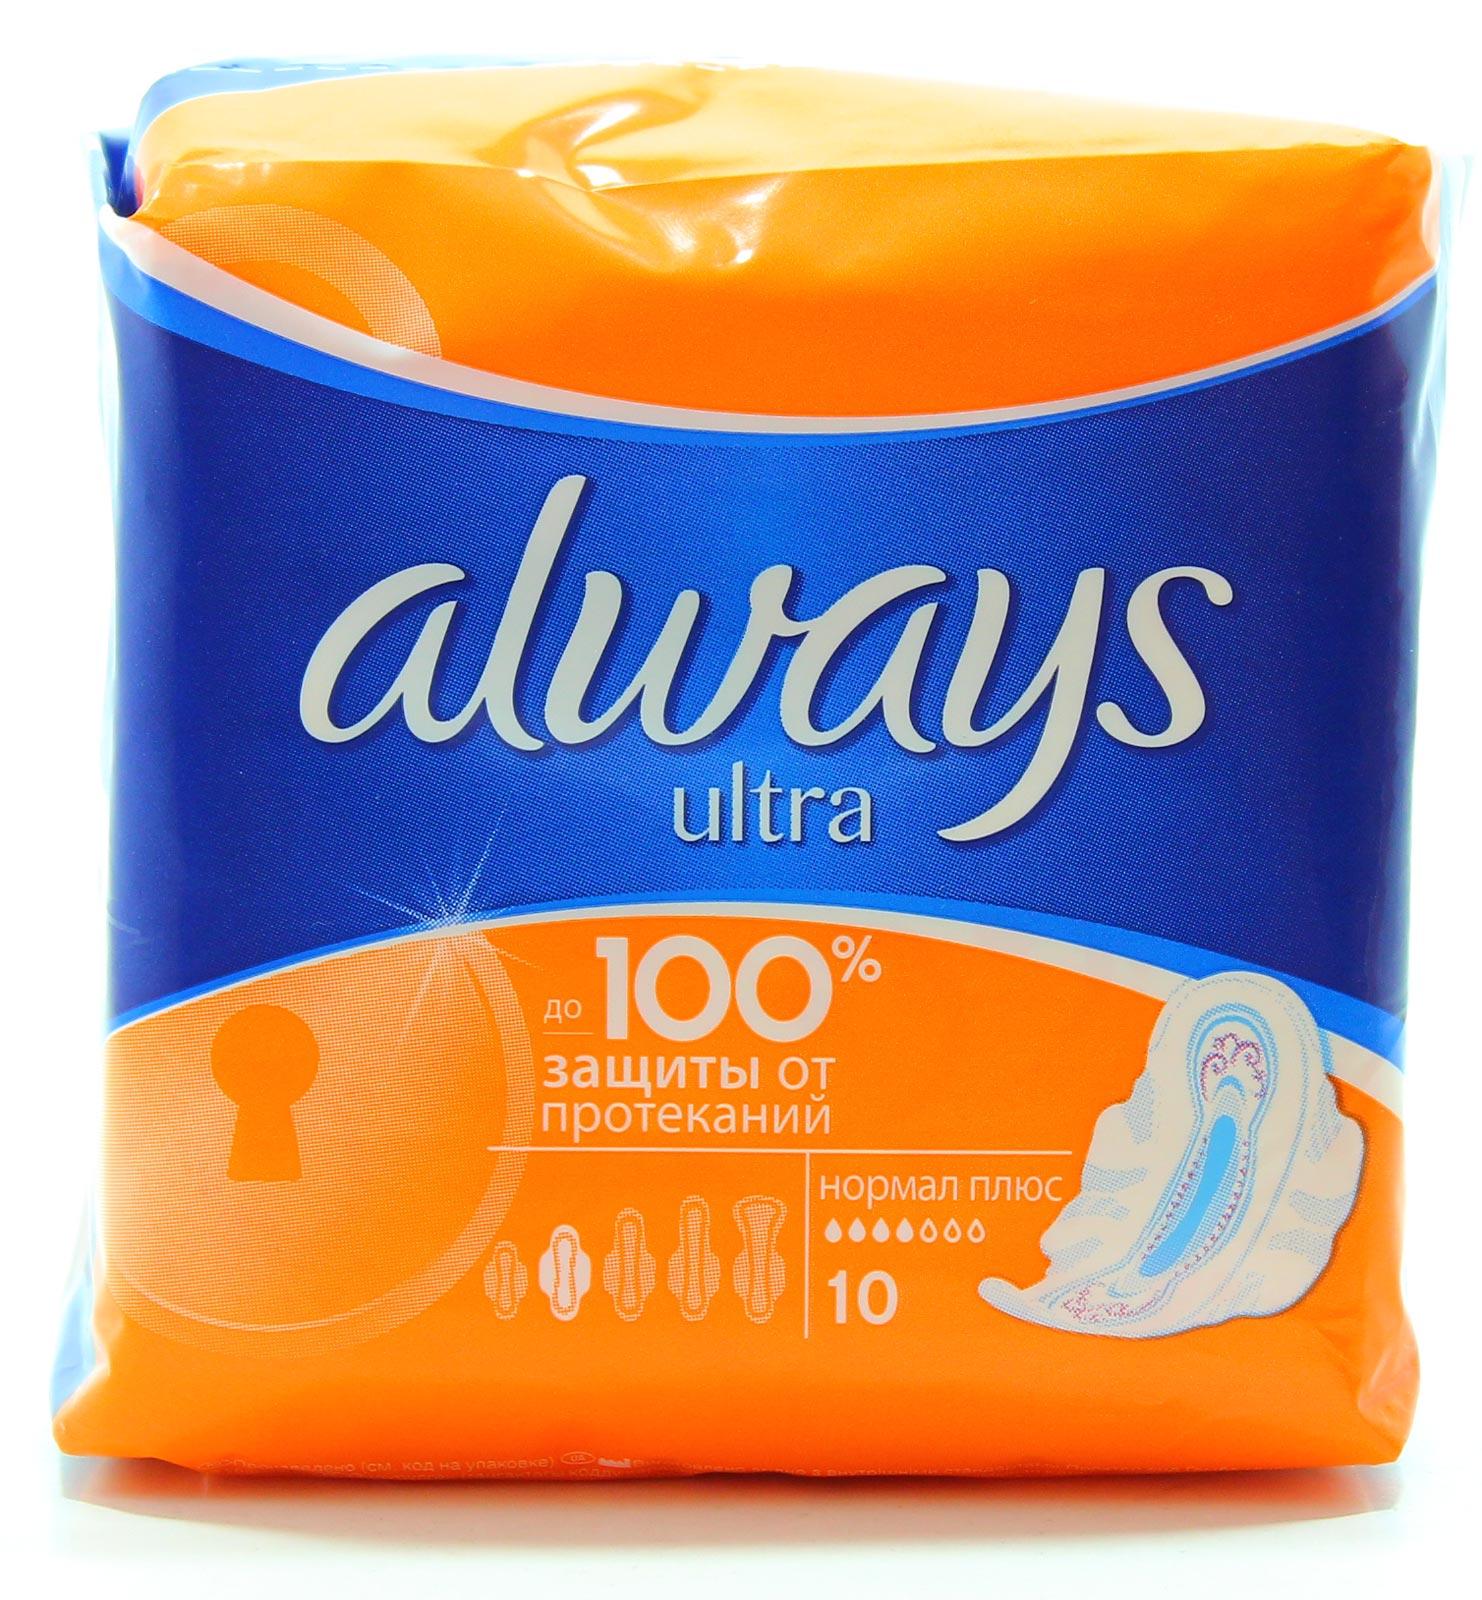 Прокладки гигиенические Ultra Normal Plus Single, 10шт./уп. Always - фото 1